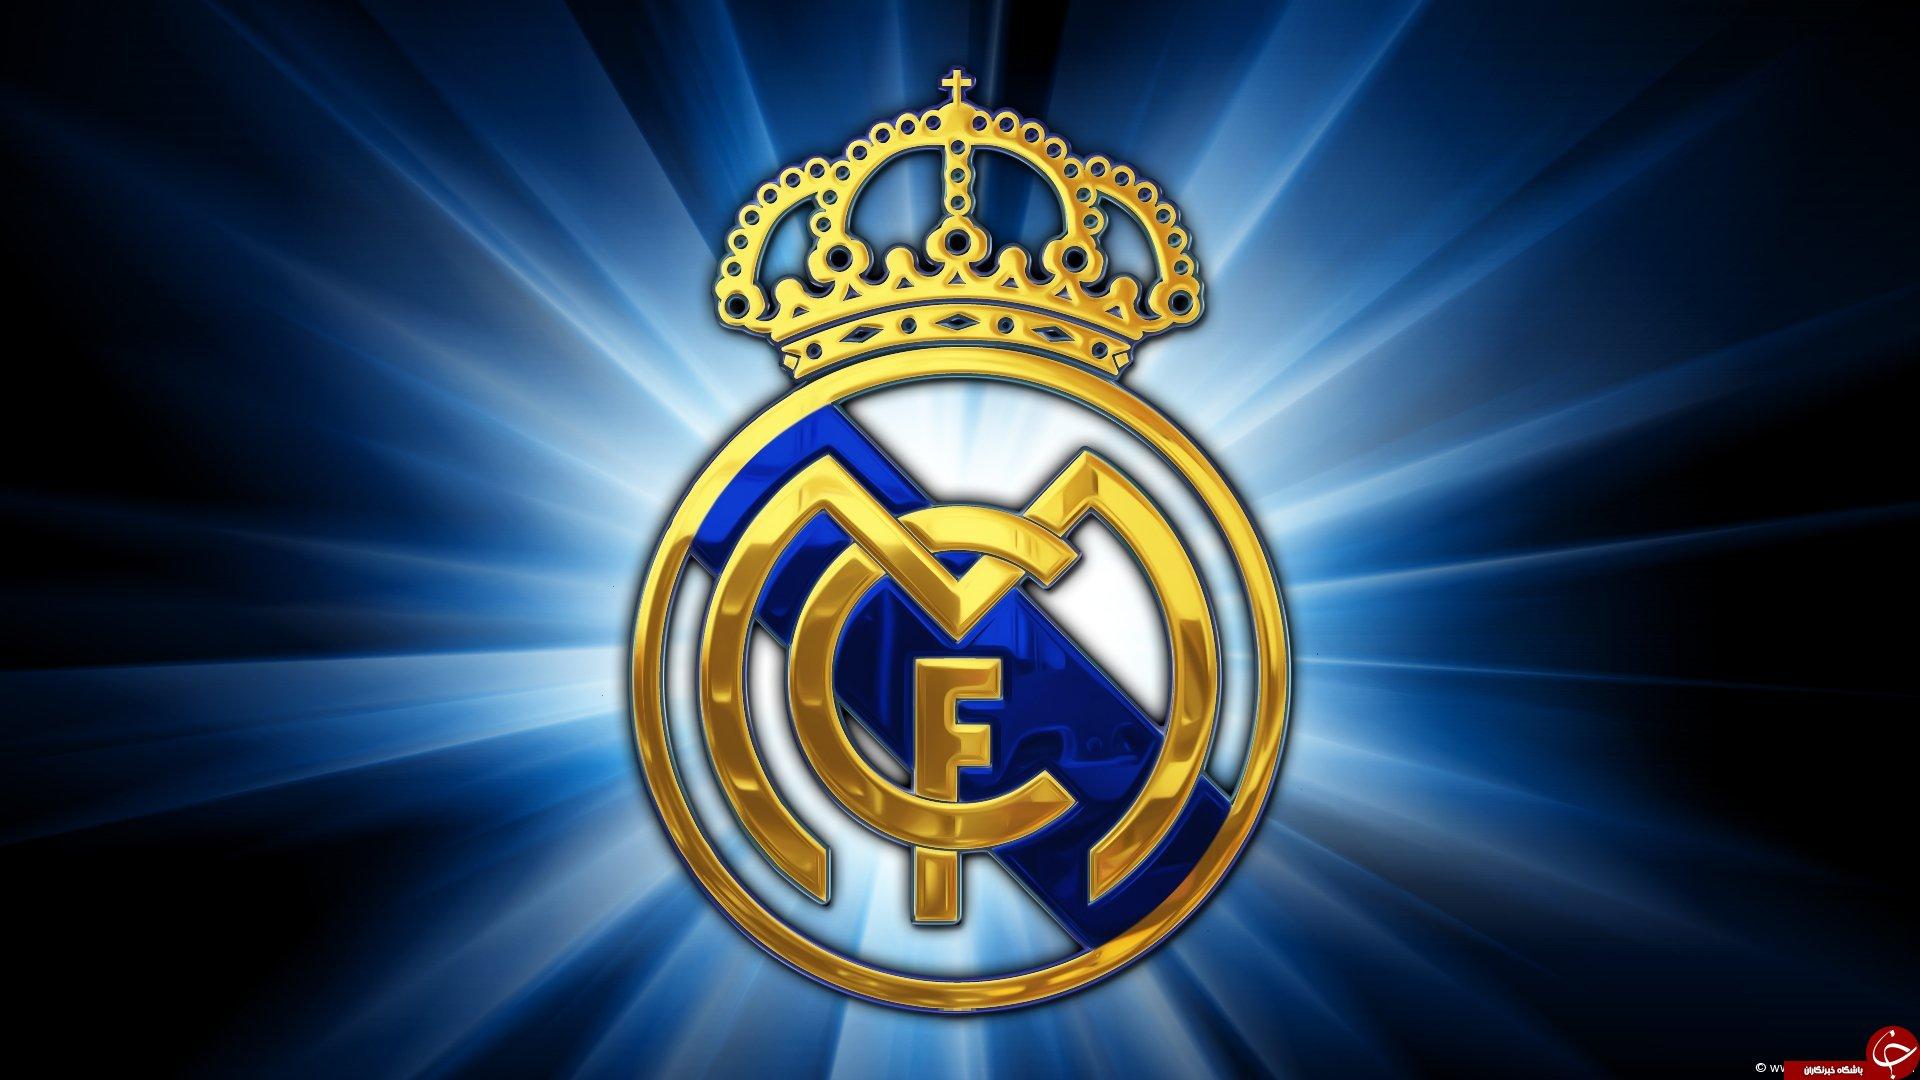 ثروتمندترین تیم های فوتبال معرفی شدند/ رئال مادرید در صدر